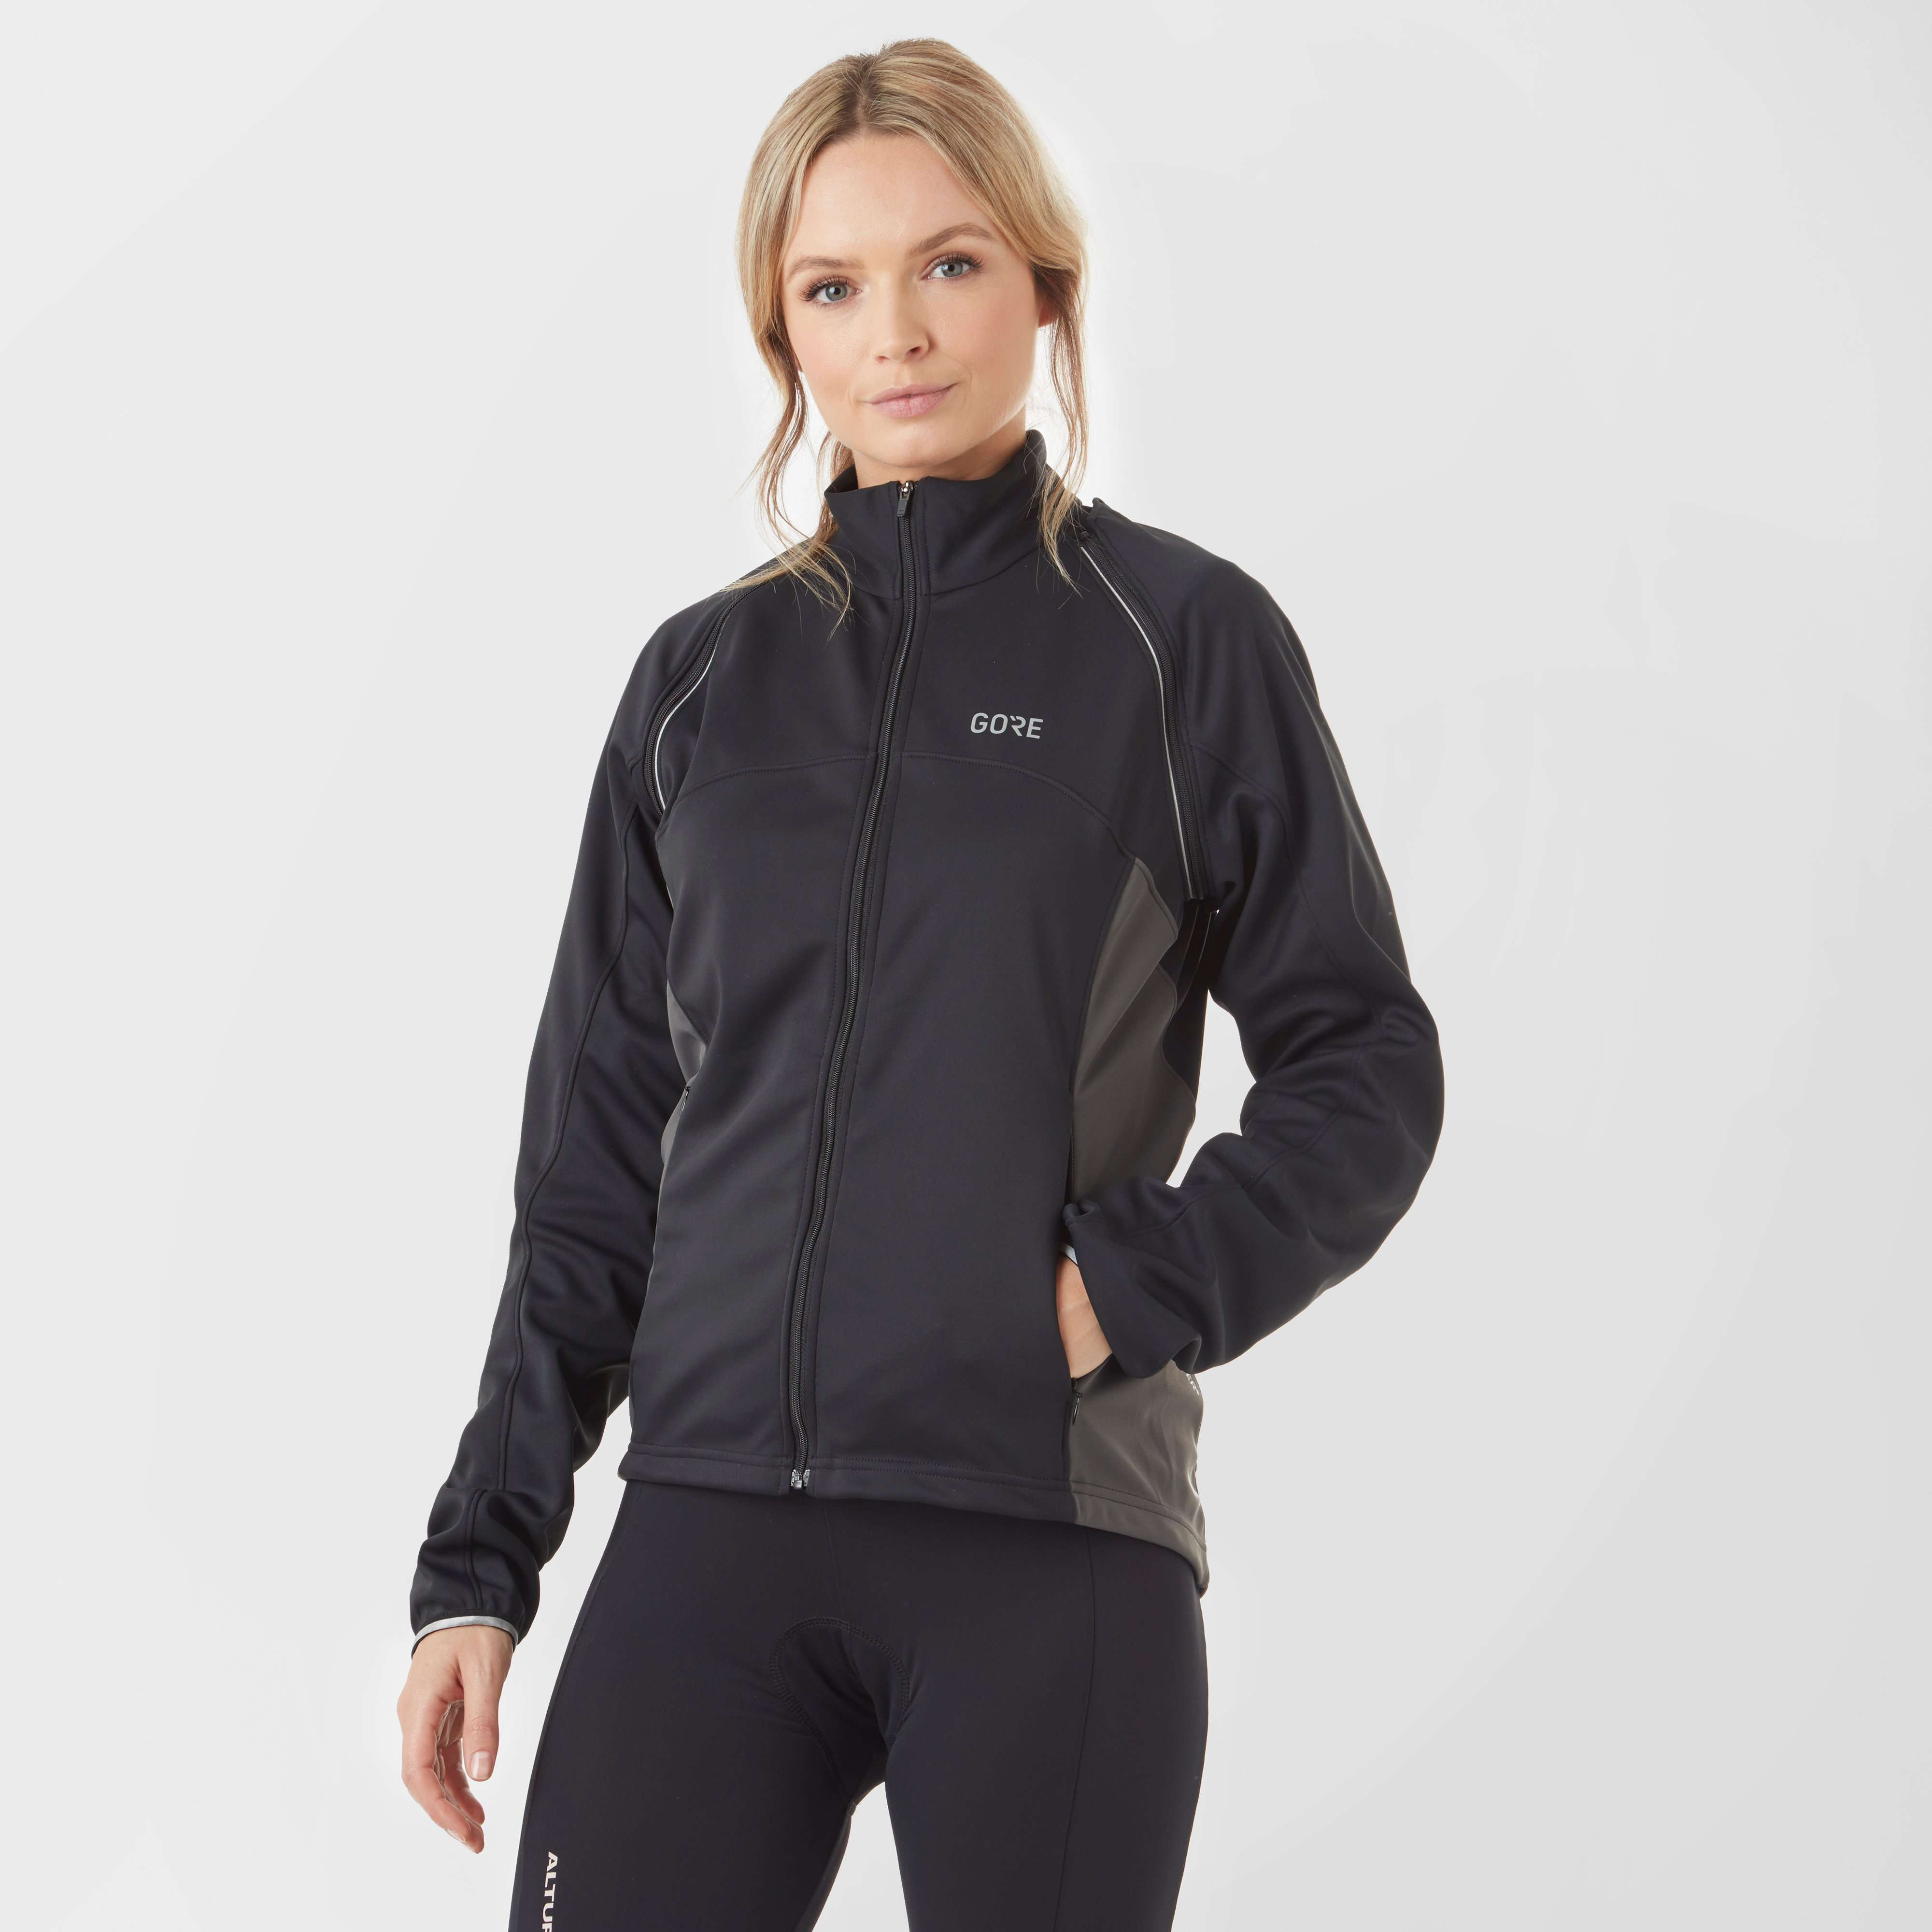 GORE Women's C3 GORE® Windstopper® Phantom Zip-Off Jacket